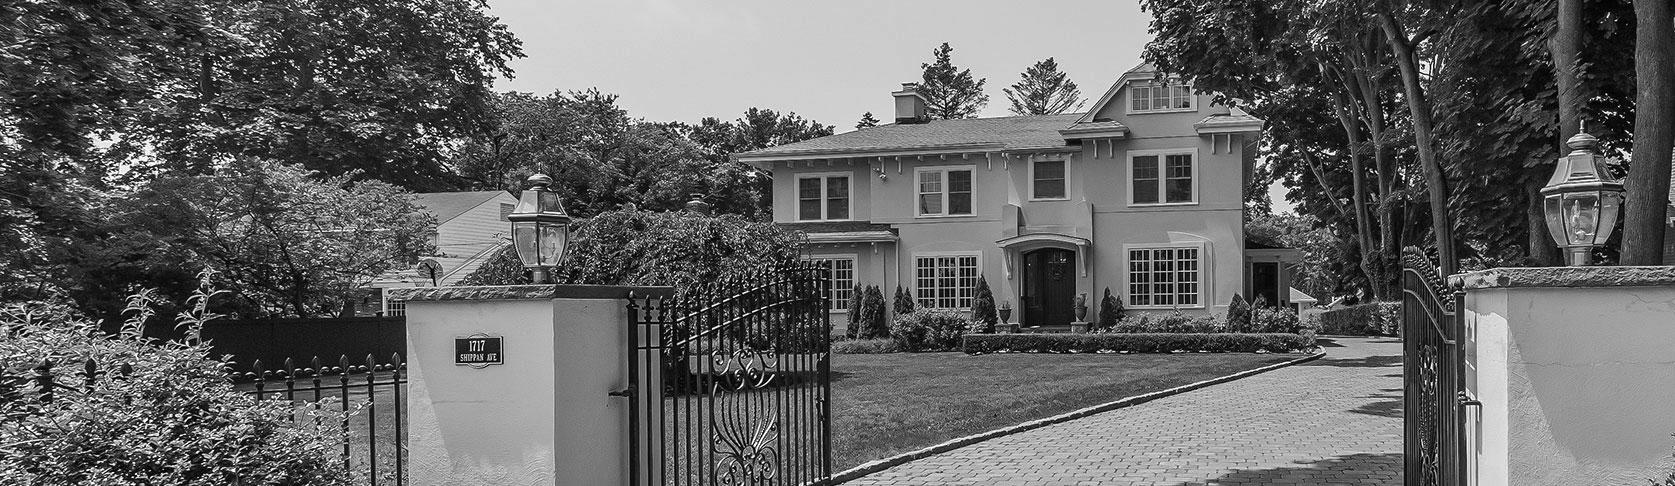 1717 Shippan Avenue, Stamford (Shippan), CT